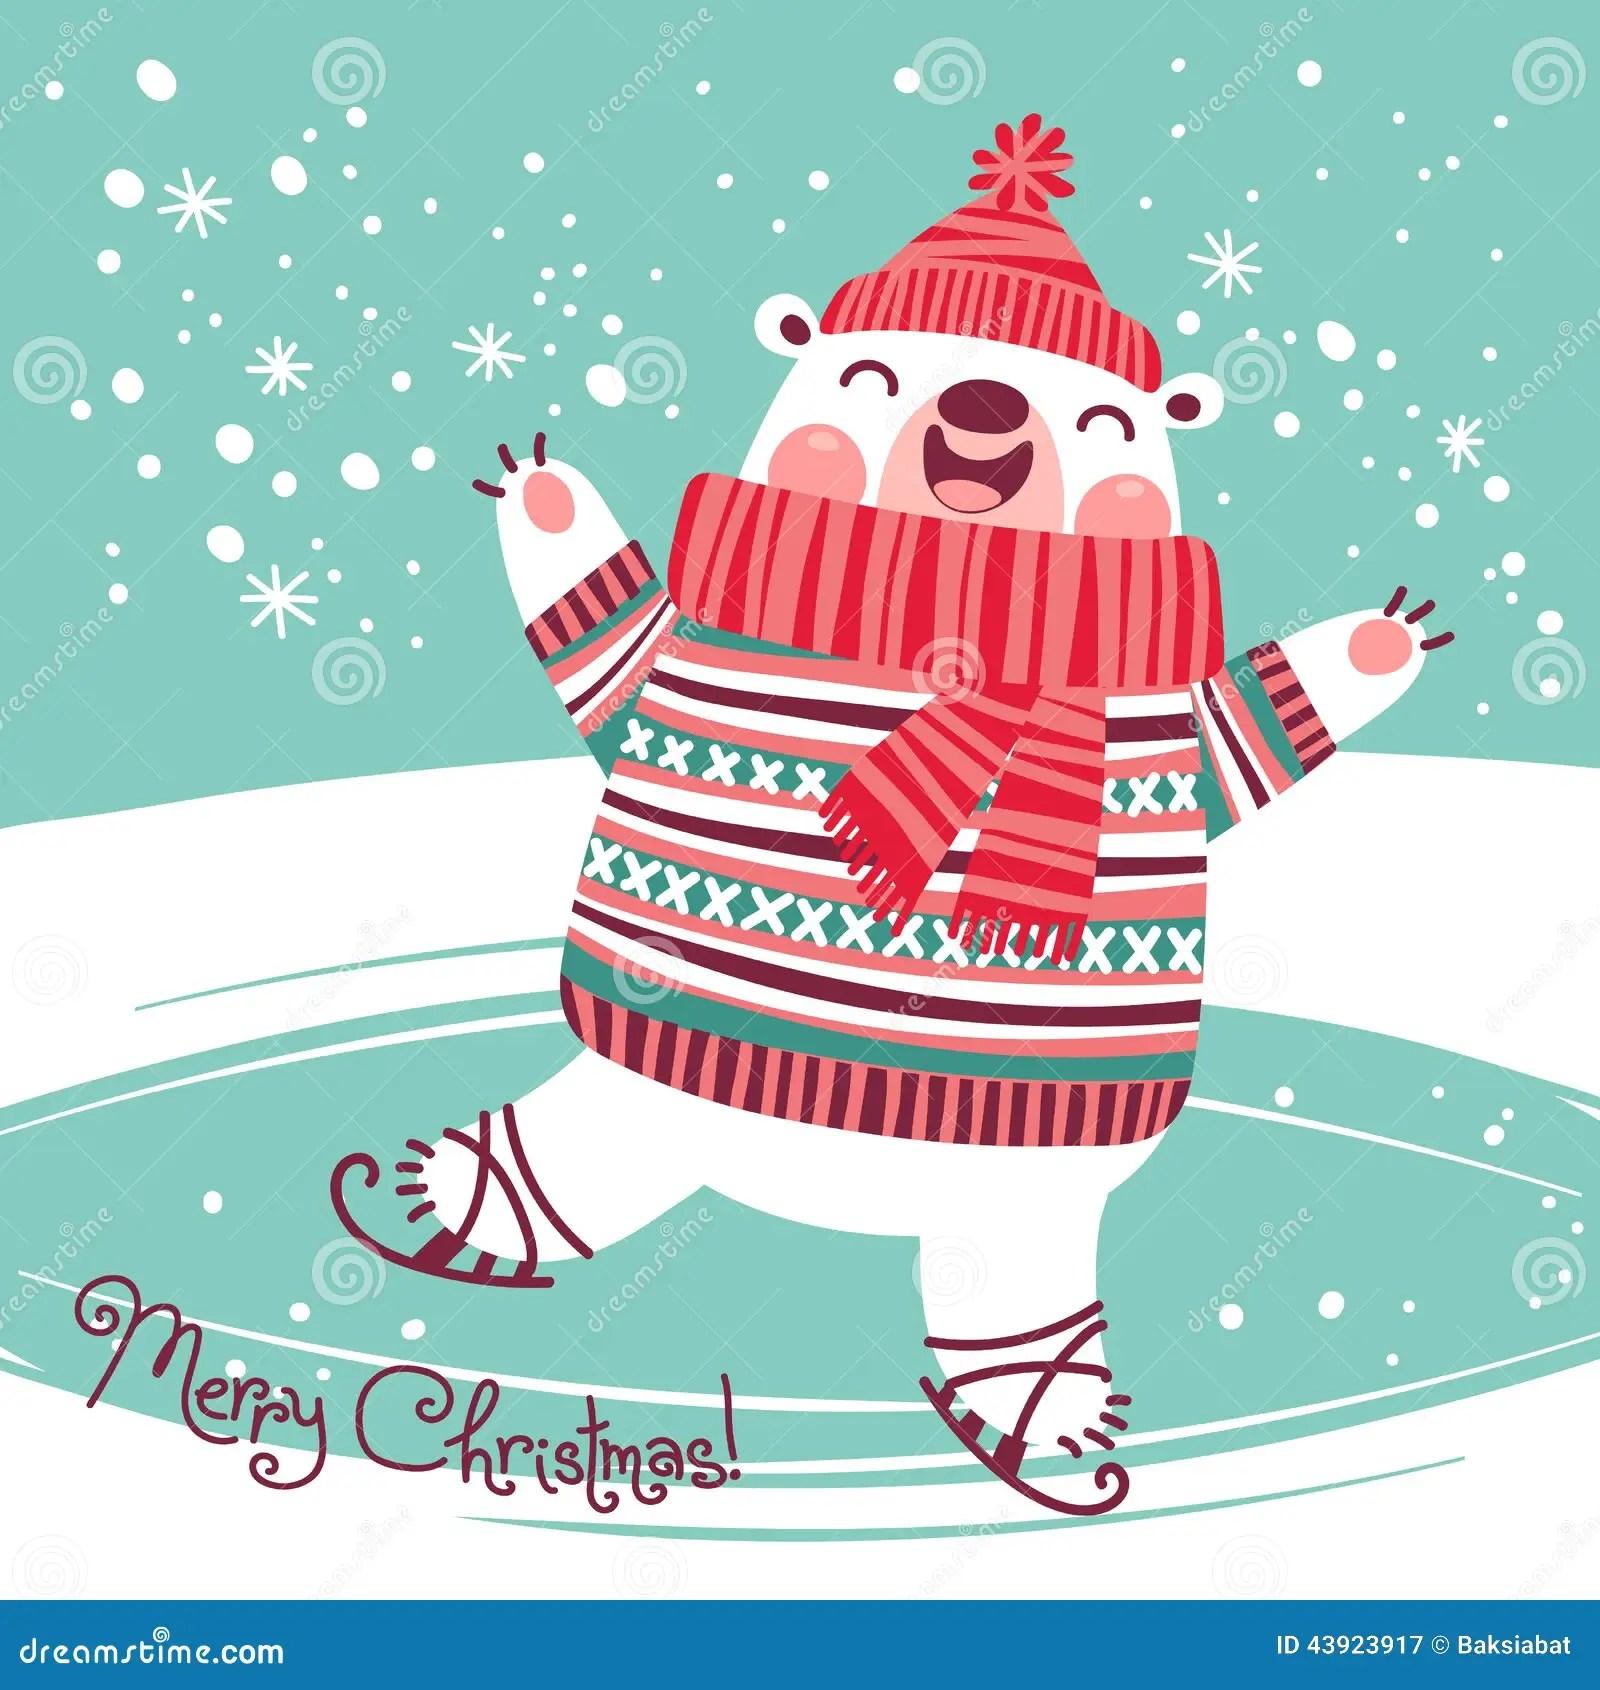 Christmas Card With Cute Polar Bear On An Ice Rink Stock